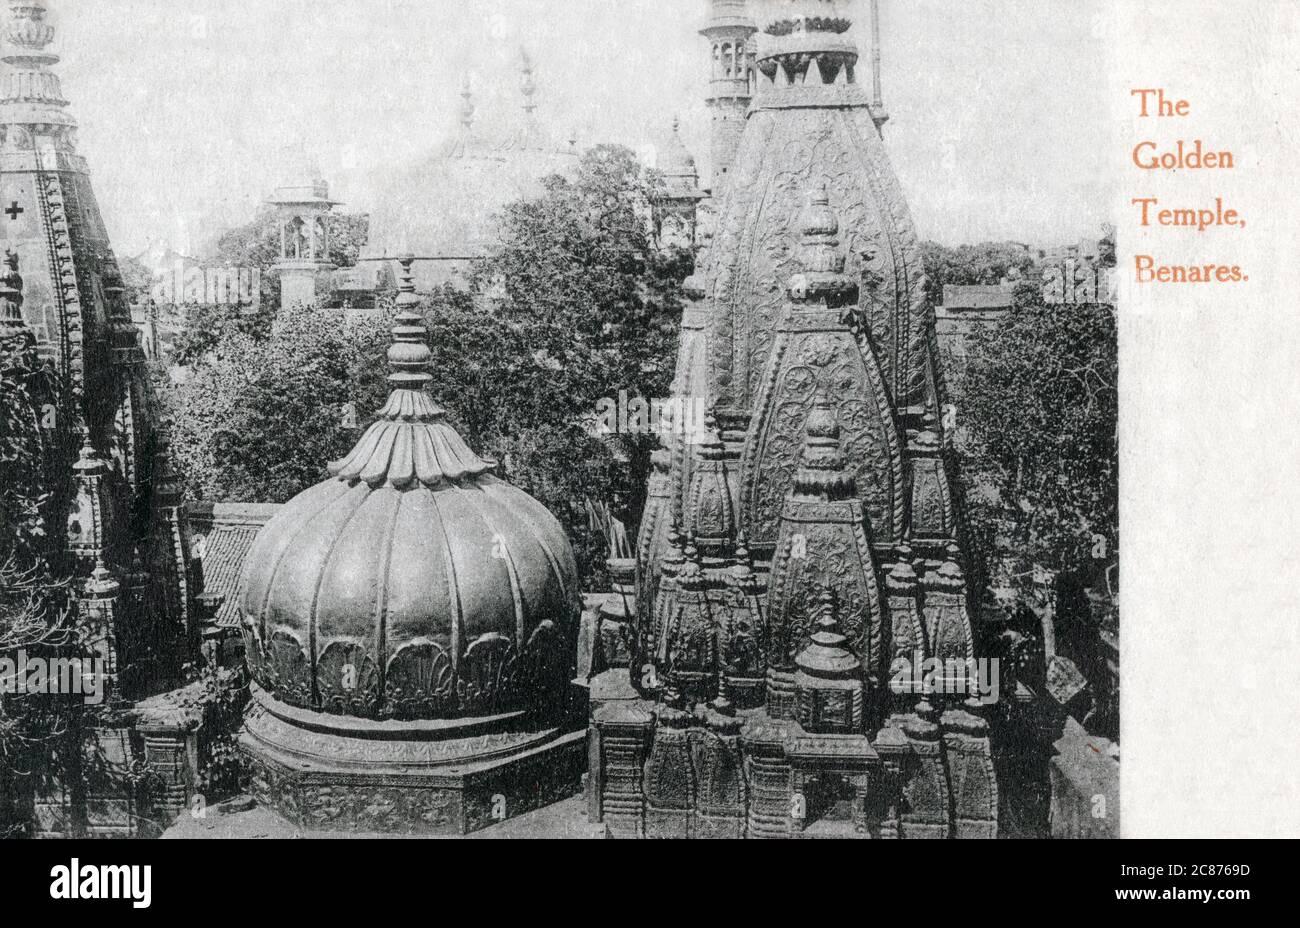 El templo Shri Kashi Vishwanath (Templo de Oro) dedicado a Lord Shiva, Varanasi (Benares), Uttar Pradesh, India. El Templo se encuentra en la orilla occidental del río santo Ganga, y es uno de los doce Jyotillingas, el más sagrado de los templos de Shiva Fecha: 1908 Foto de stock